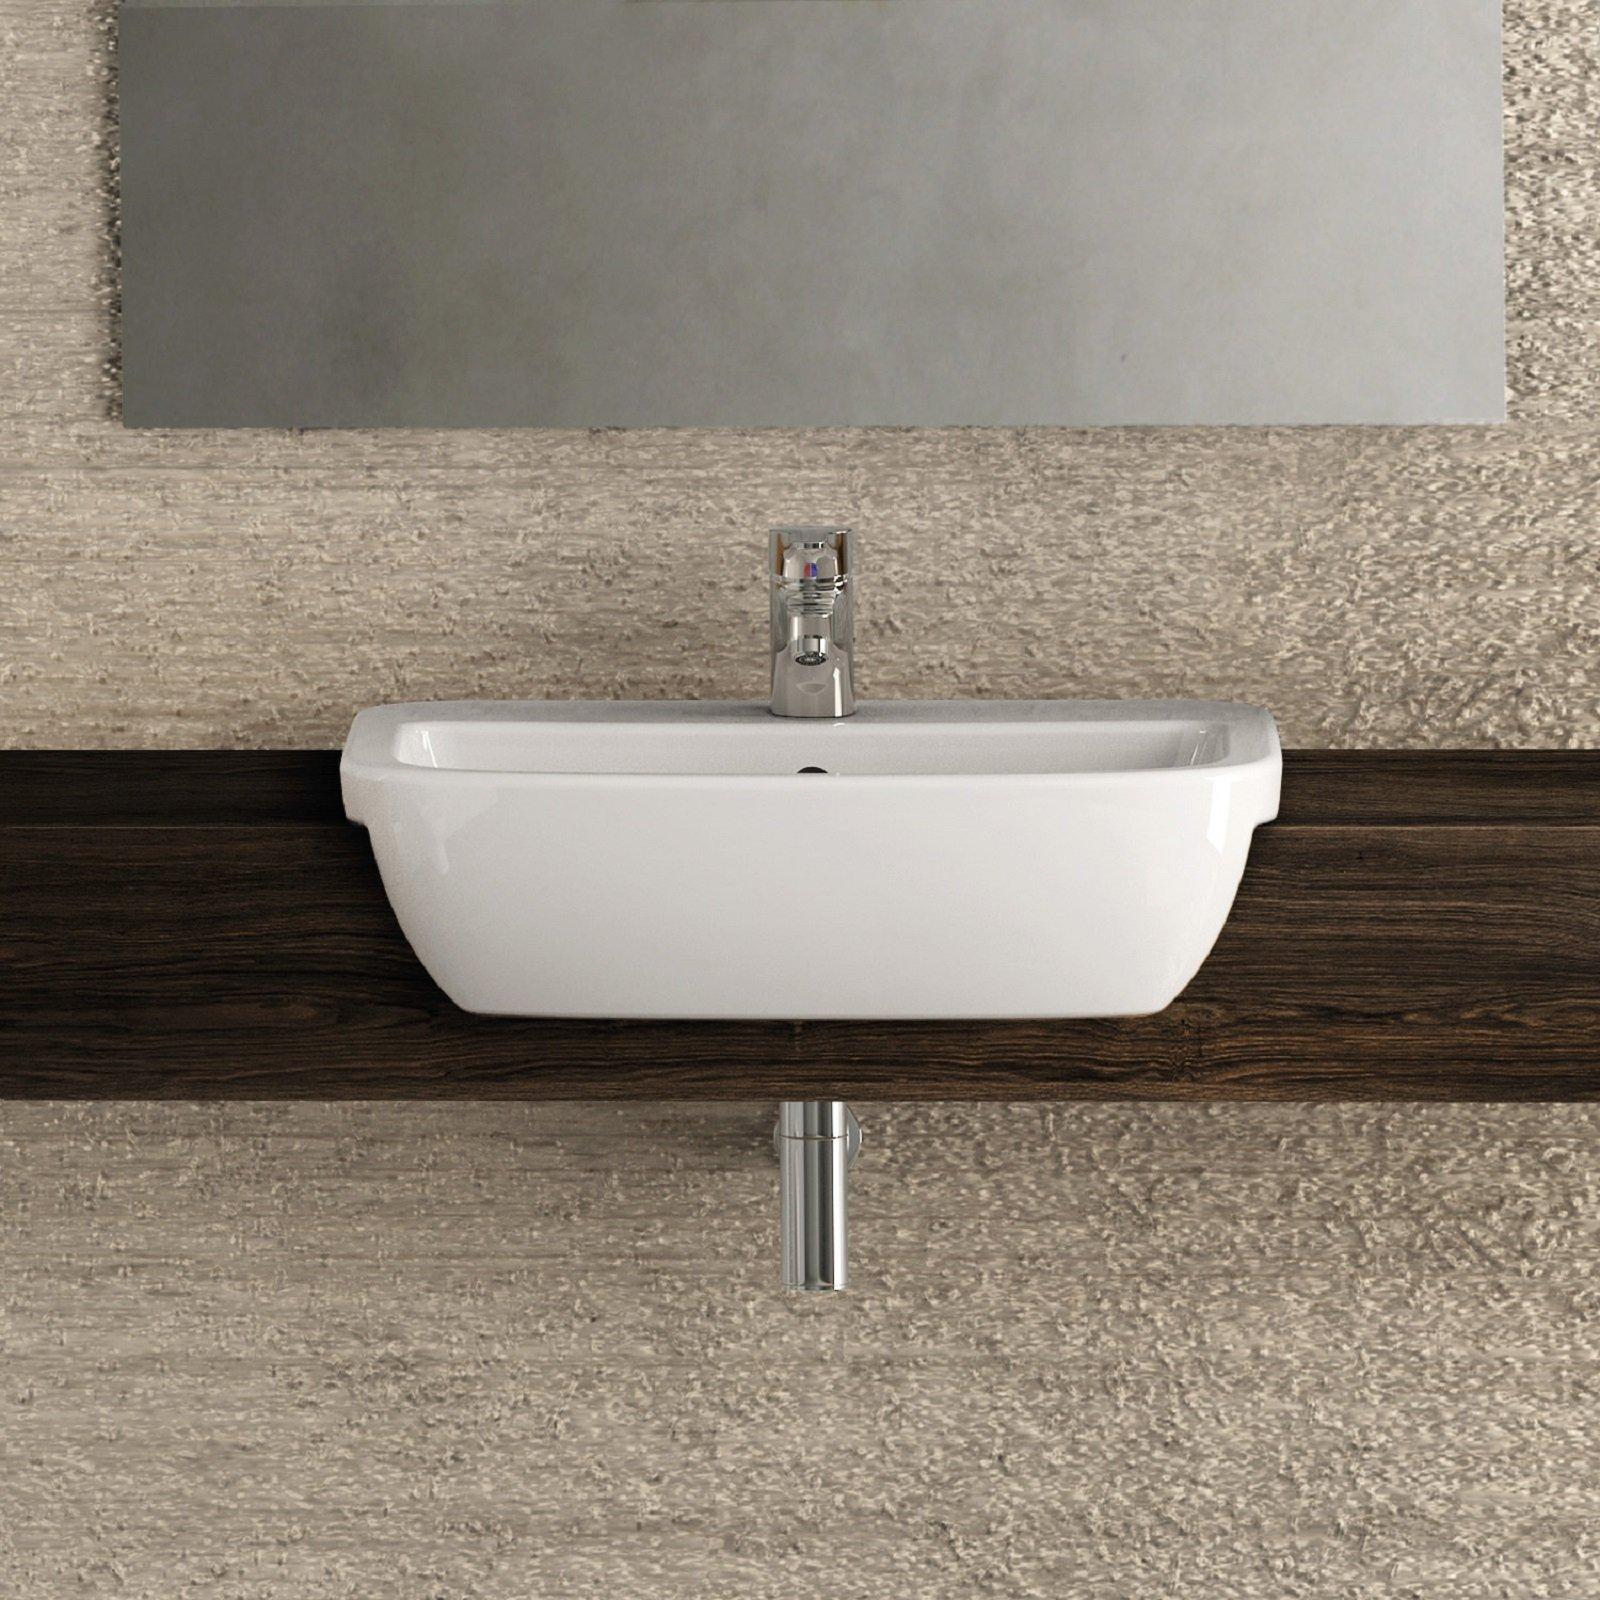 Lavabi Piccoli Per Bagno.18 Soluzioni Salvaspazio Per Il Bagno Per Risparmiare Centimetri